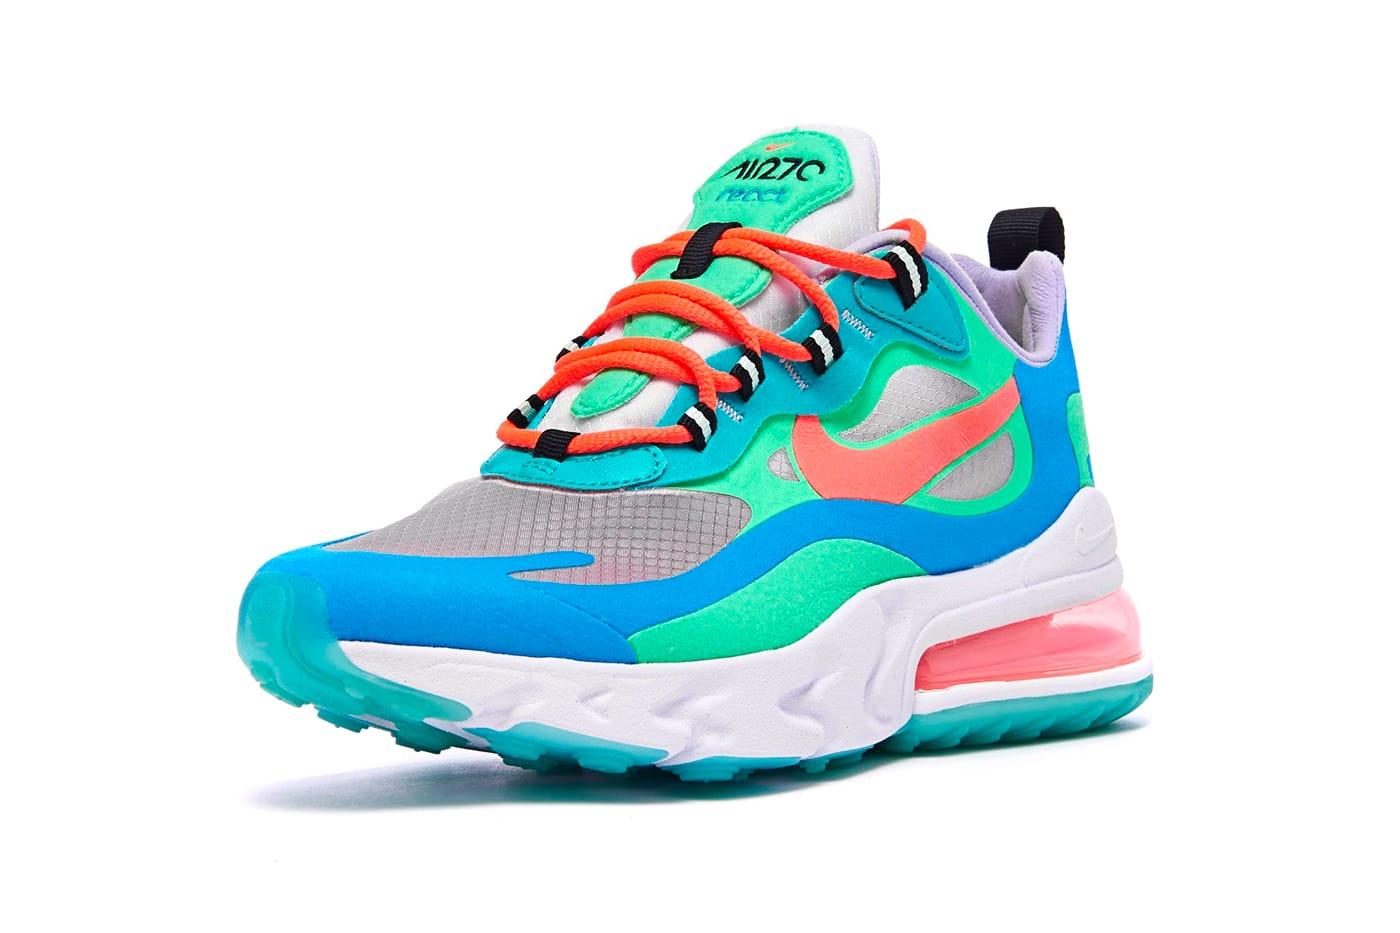 nike air max 270 colorful